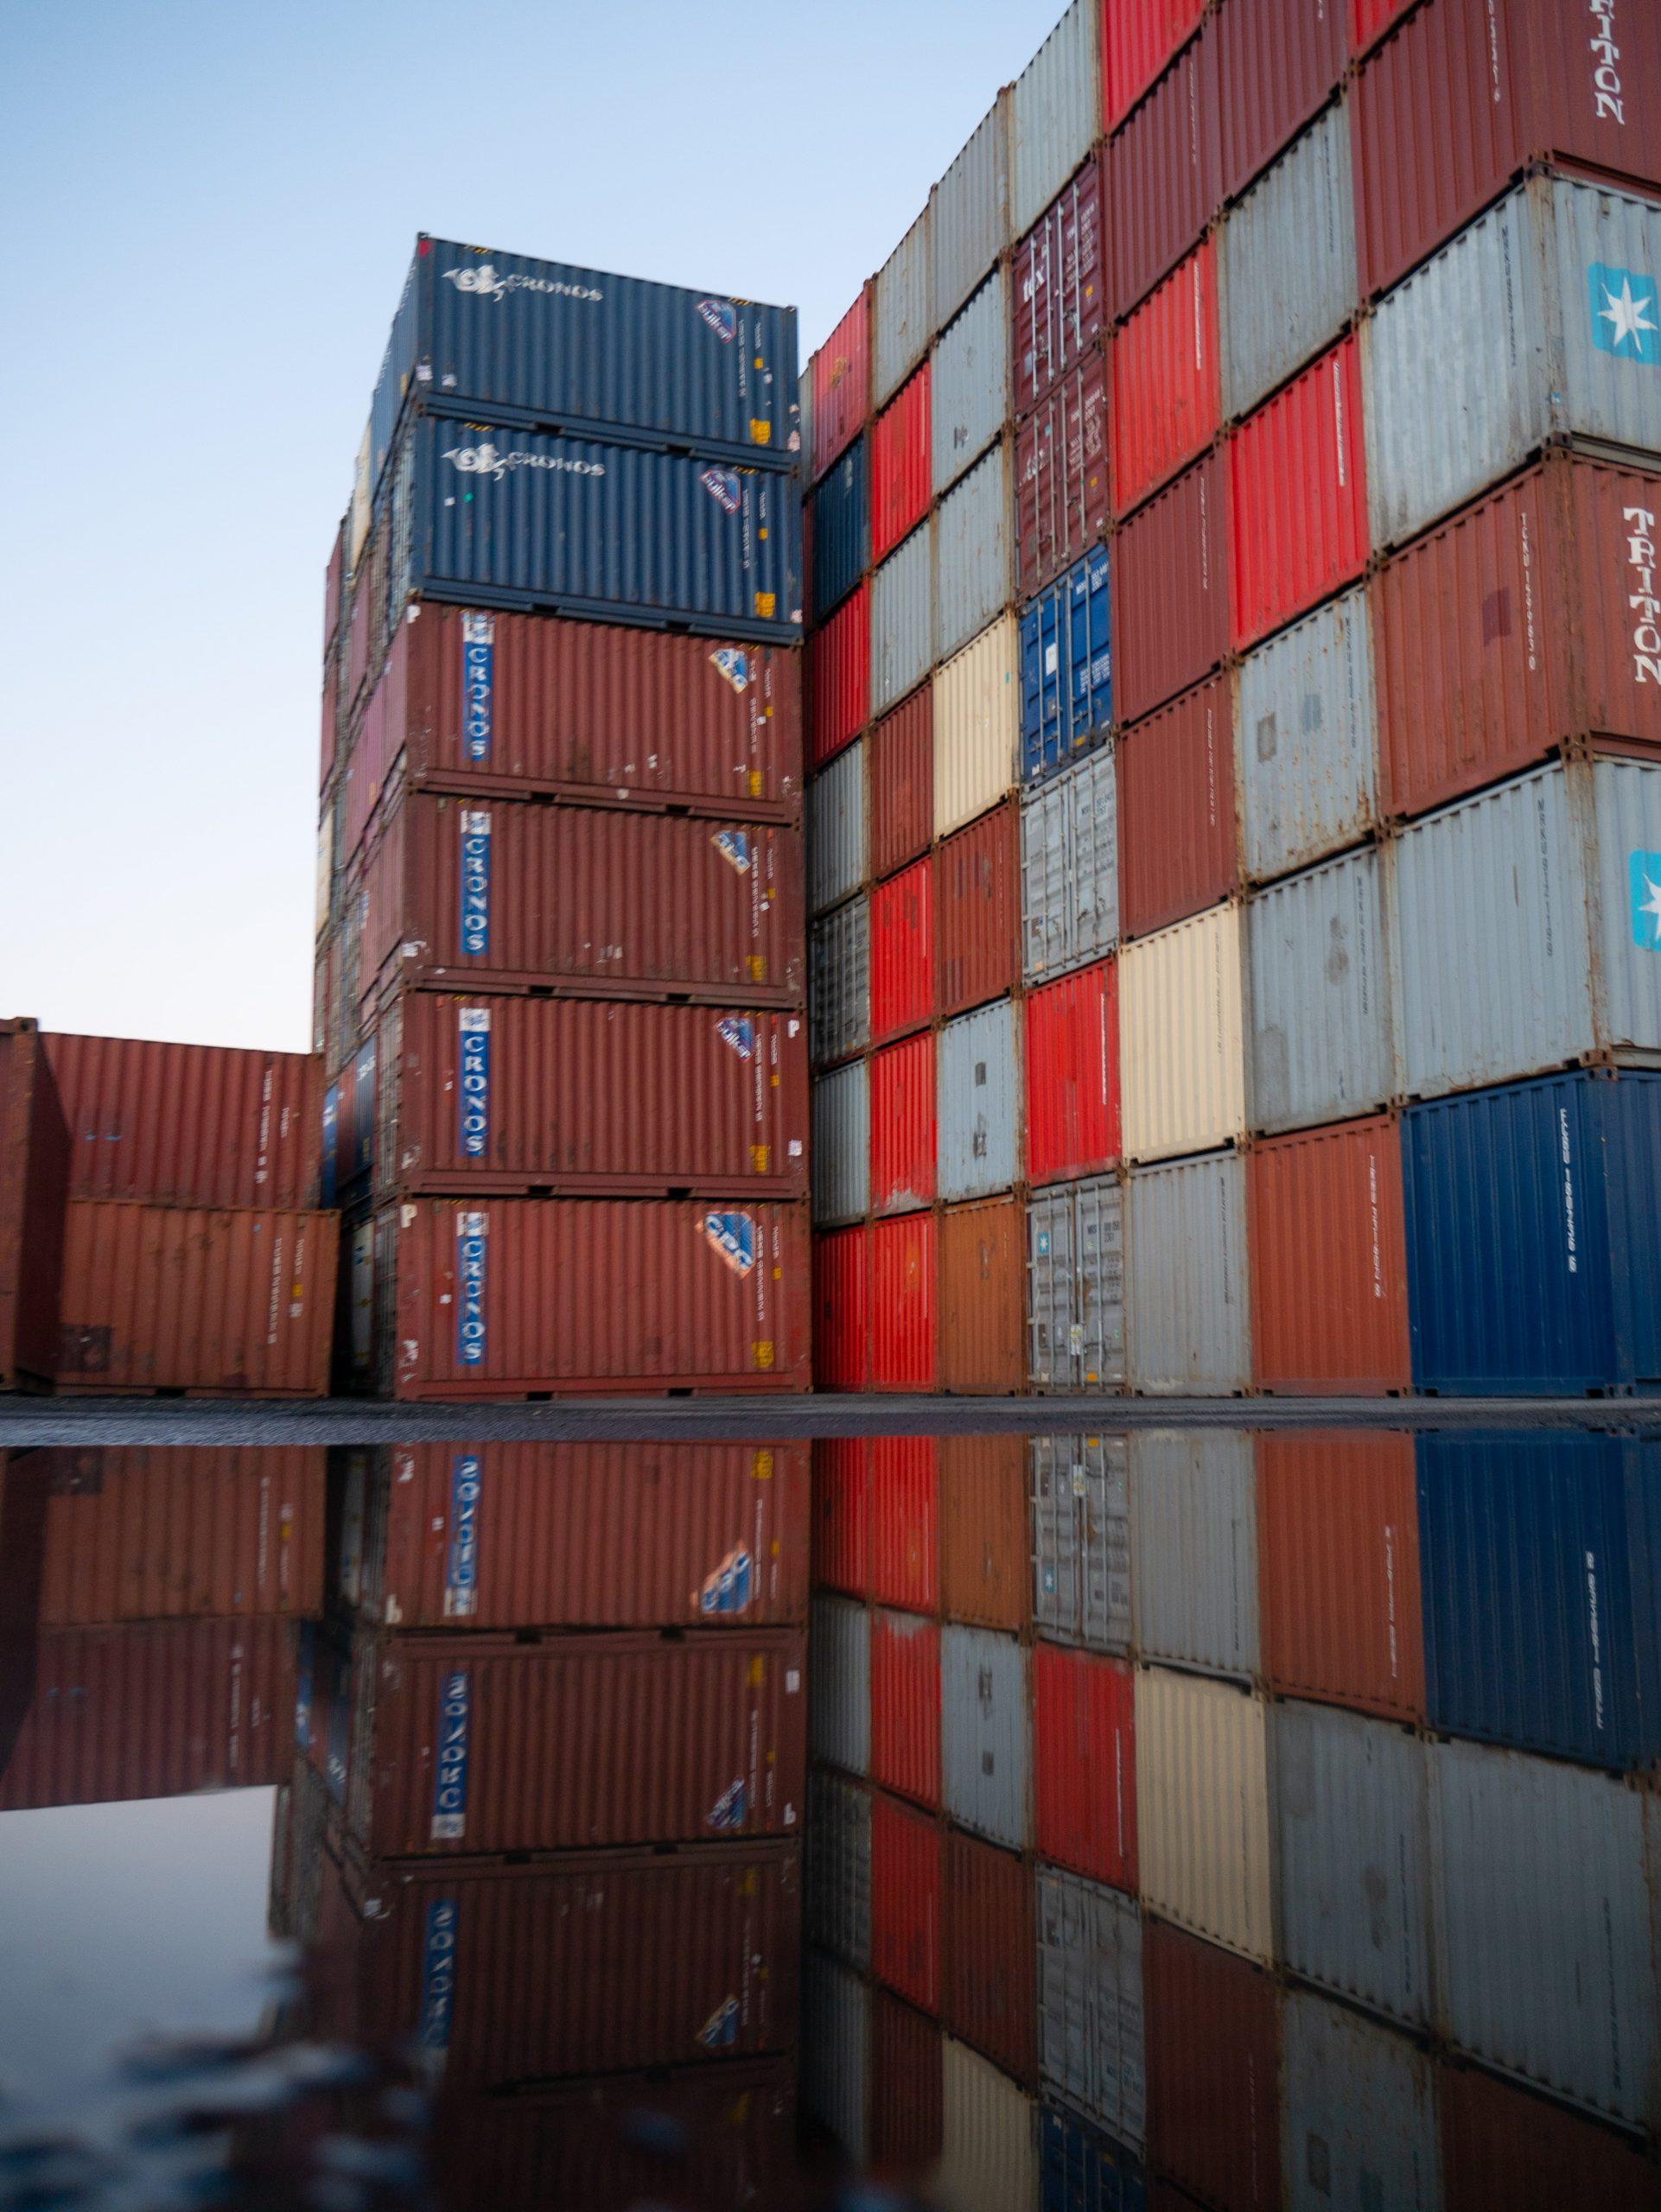 Hvorfor godsoverføring fra vei til sjø ikke lykkes